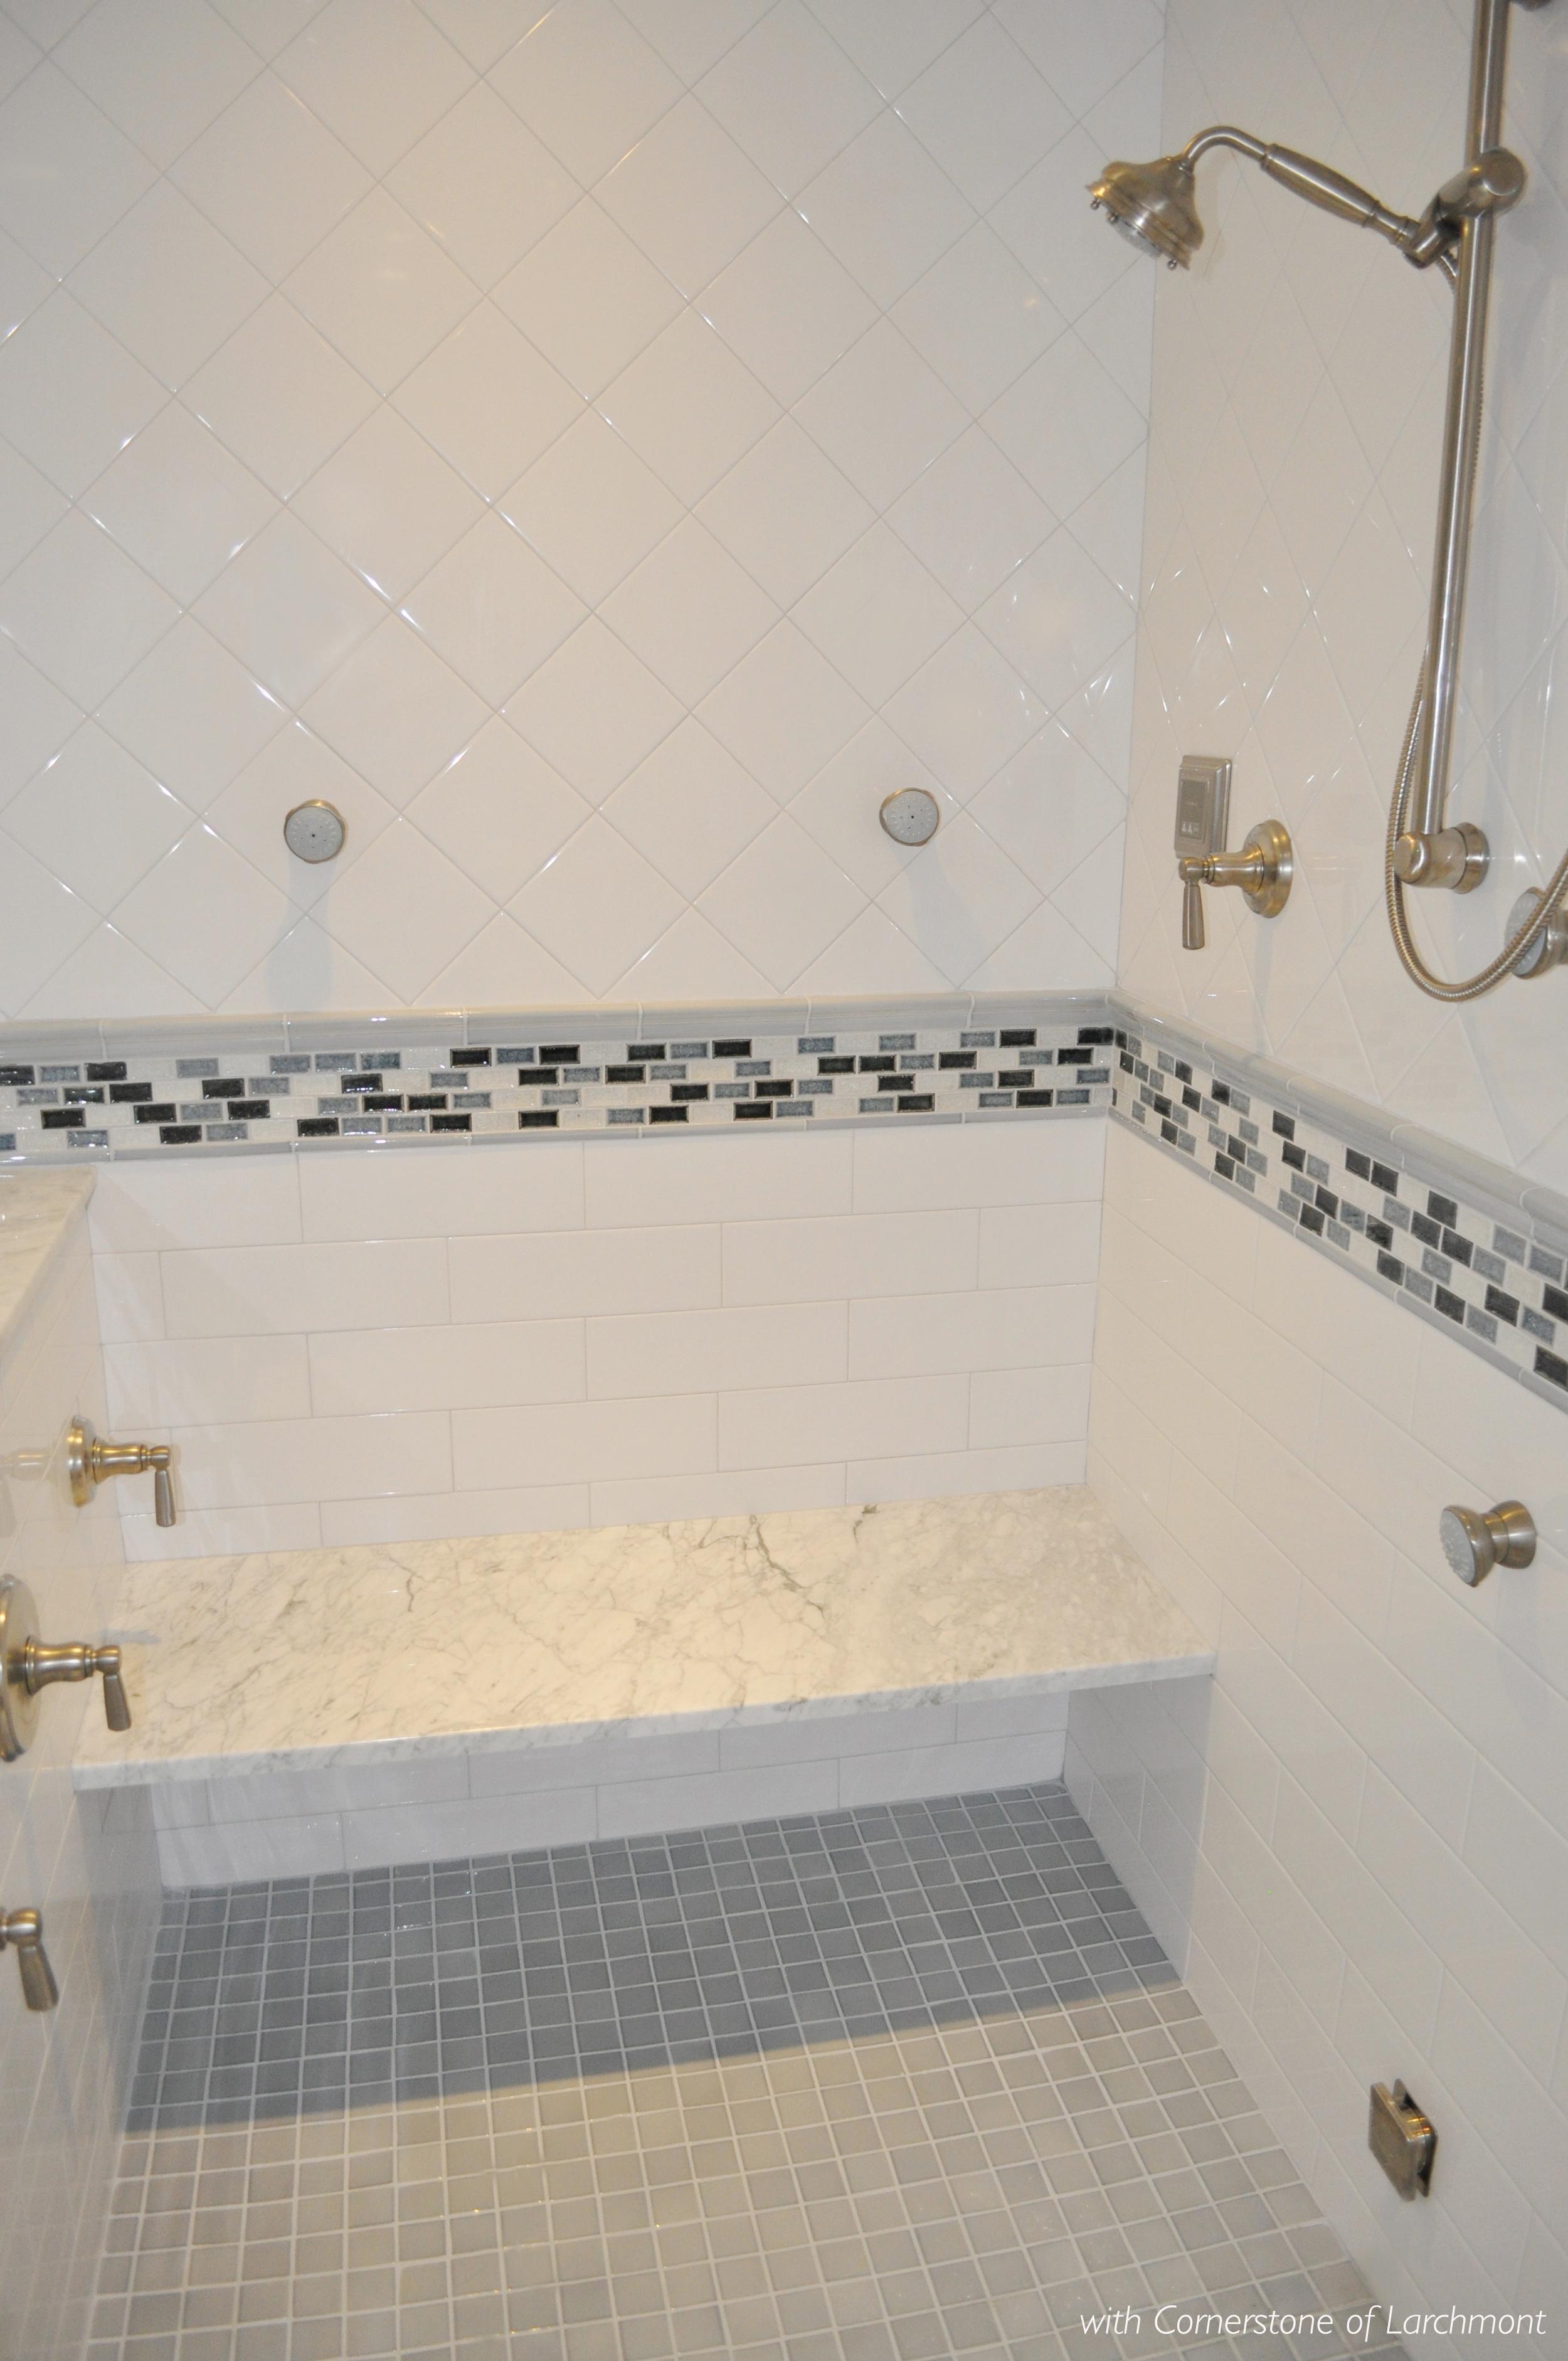 Kim Annick Mitchell_Interior Designer_Master Bathroom_Shower Interior_Marble Shower Seat_White Bath Tile_Glass Mosaic Chair Rail Detail_Steam Shower.jpg